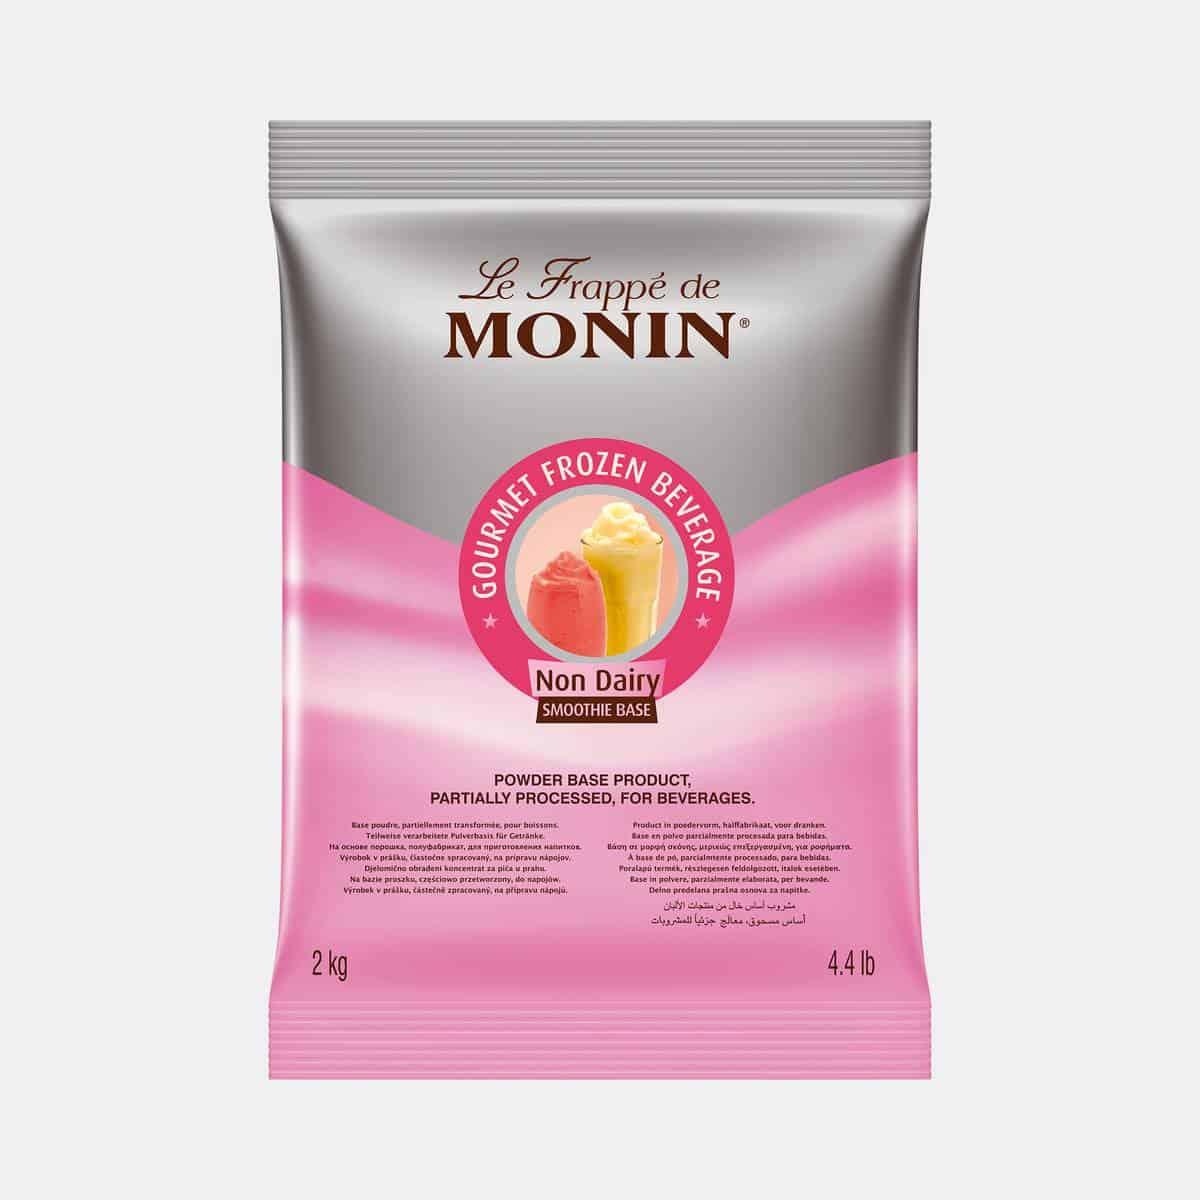 Monin Non Dairy Frappe Base Powder 2kg Sealed Bag